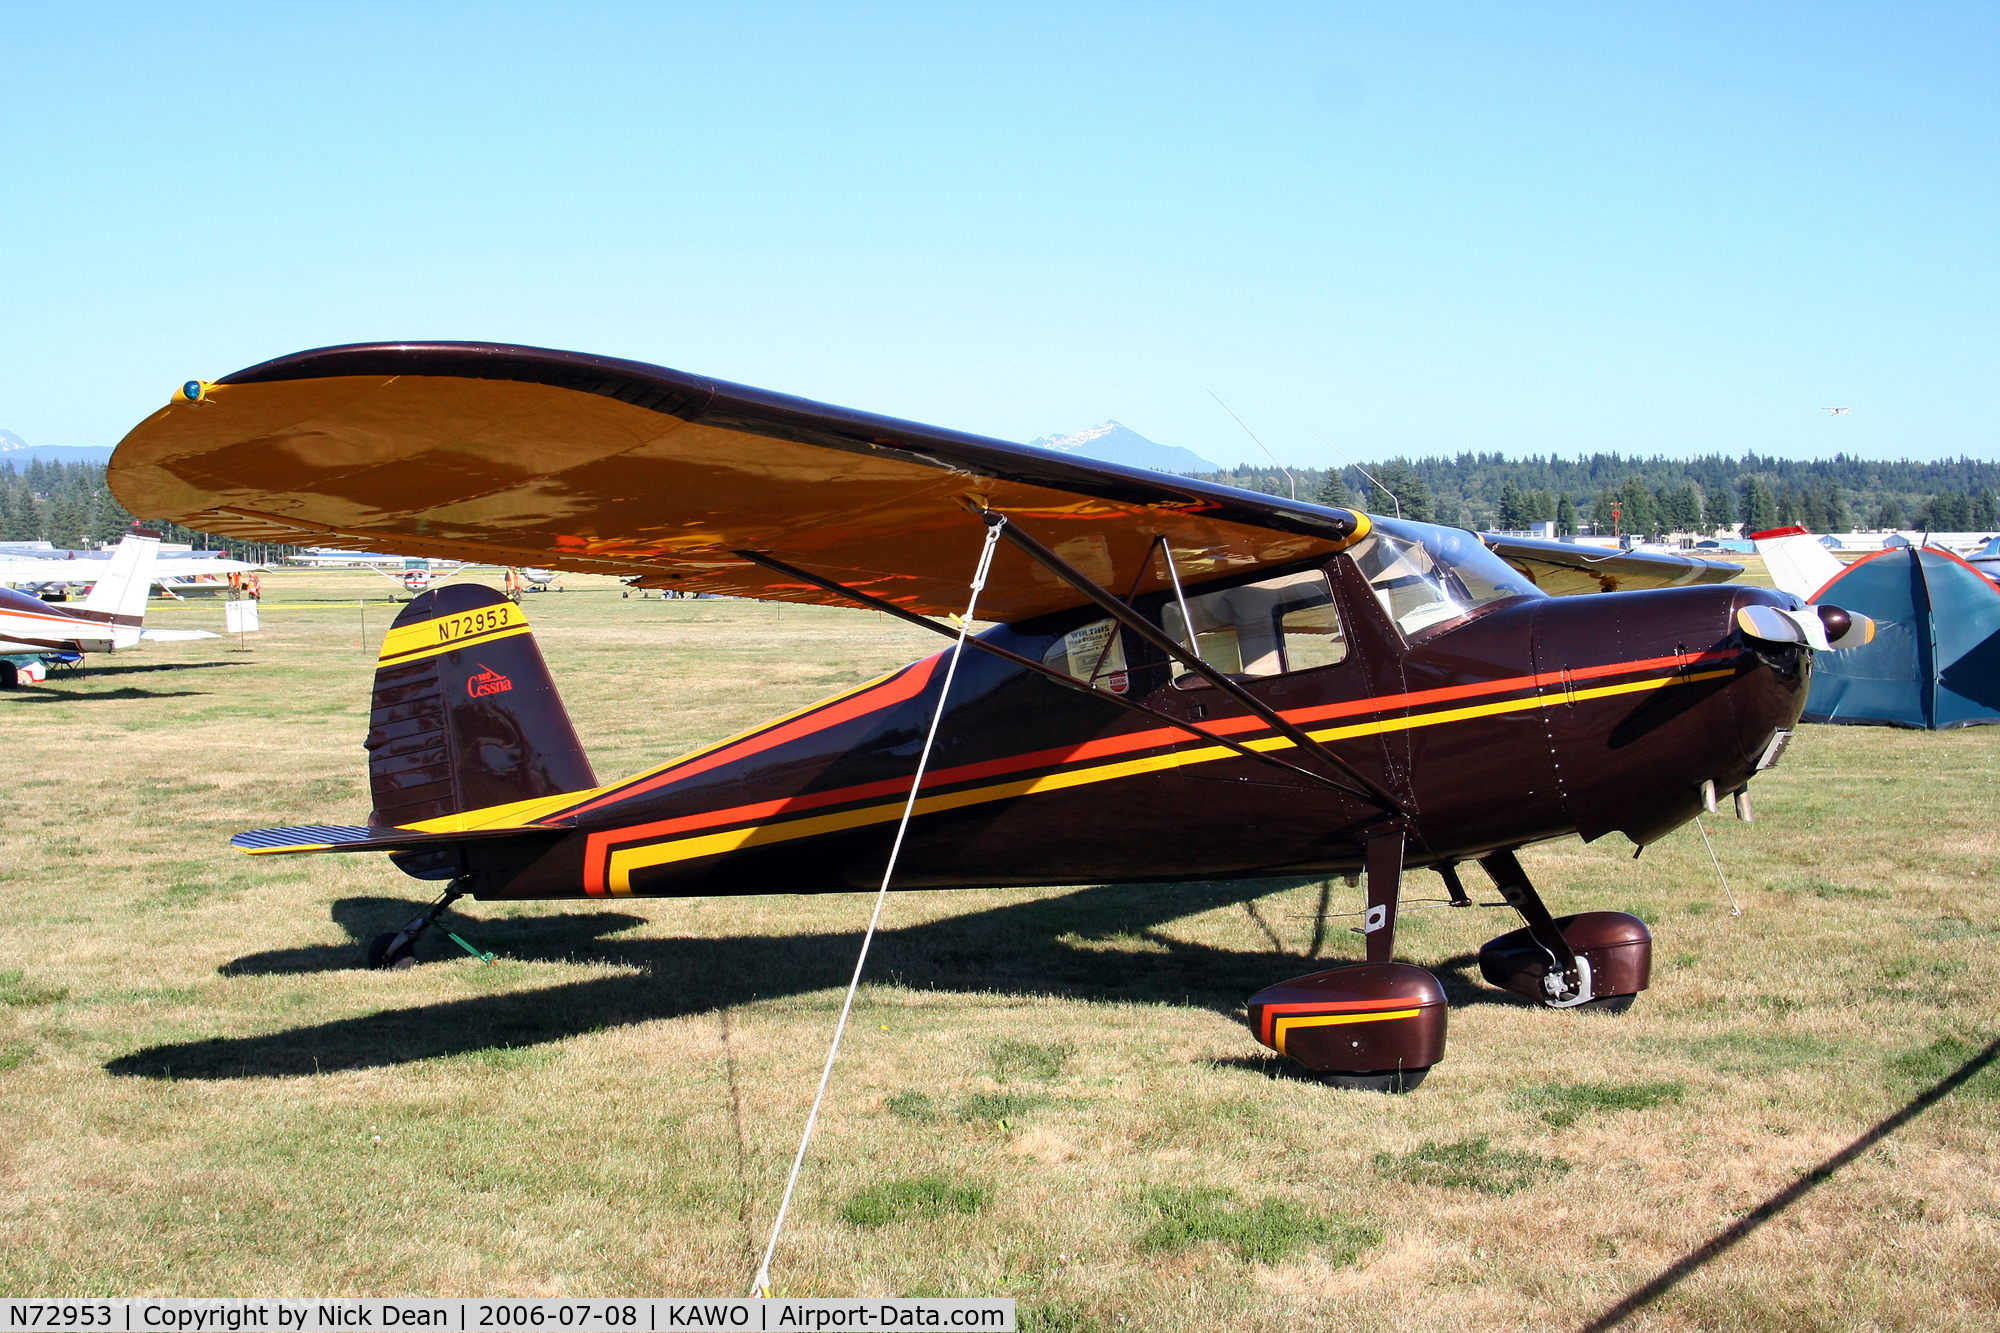 N72953, Cessna 140 C/N 10151, /